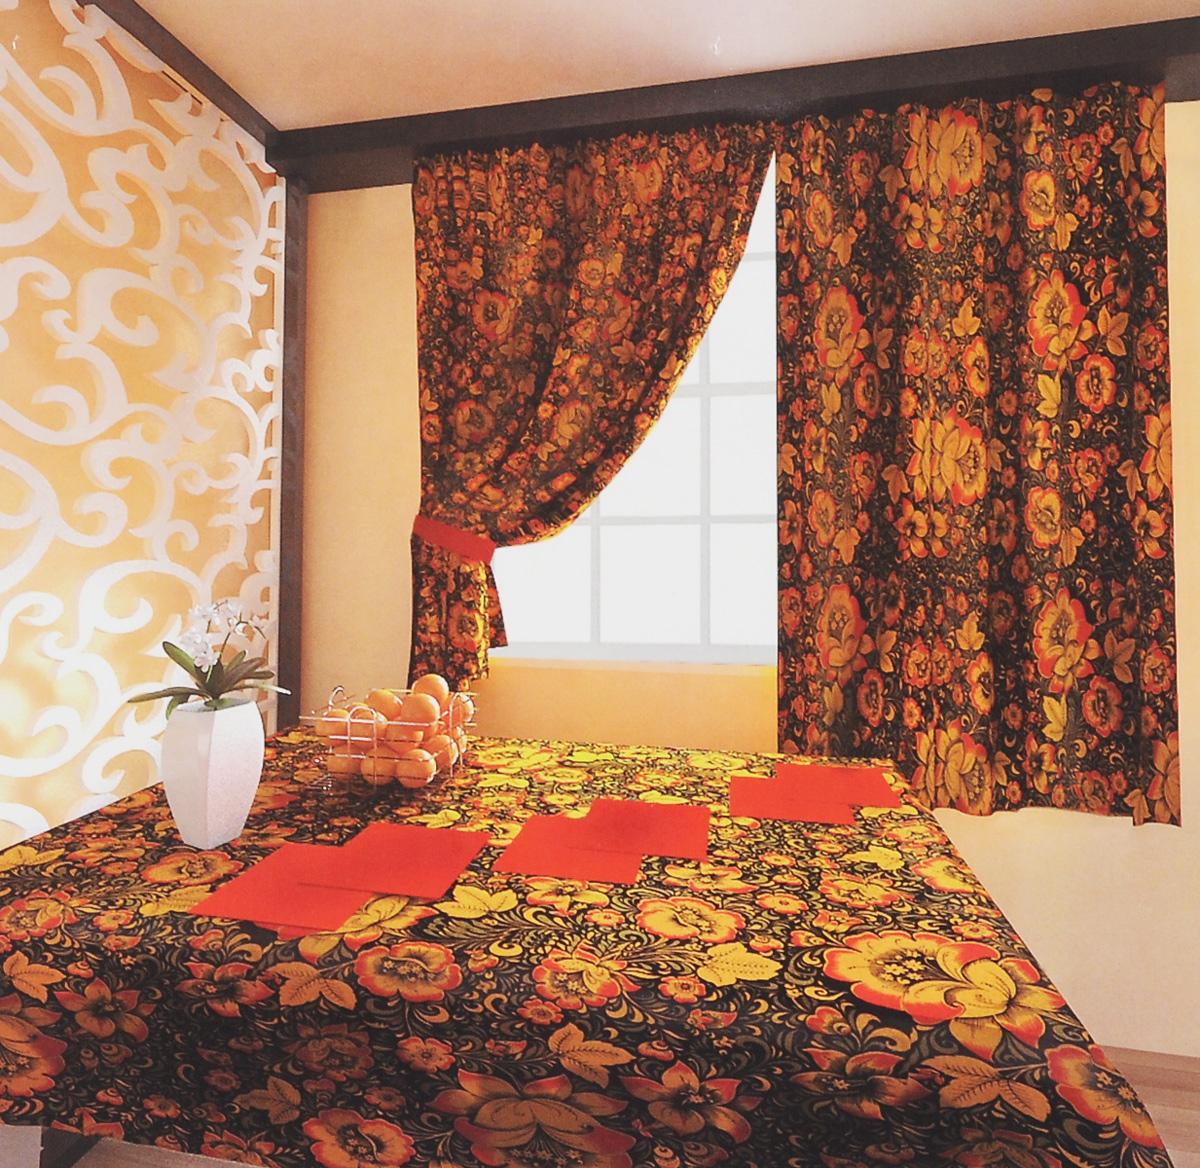 Комплект штор Zlata Korunka Хохлома, на ленте, цвет: черный, красный, желтый, высота 150 см55611Роскошный комплект штор Zlata Korunka Хохлома великолепно украсит любое окно. Комплект состоит из двух портьер, двух подхватов, скатерти и 6 салфеток. Изделия выполнены из 100% хлопка и декорированы изображением крупных цветов. Оригинальный цветочный принт привлечет к себе внимание и позволит шторам органично вписаться в интерьер помещения. Комплект крепится на карниз при помощи шторной ленты, которая поможет красиво и равномерно задрапировать верх. Портьеры можно красиво зафиксировать с помощью двух подхватов. Этот комплект будет долгое время радовать вас и вашу семью.Рекомендуется ручная стирка.В комплект входит: Портьера: 2 шт. Размер (ШхВ): 150 х 150 см. Скатерть: 1 шт. Размер (ШхВ): 140 х 180 см.Салфетки: 6 шт. 40 х 40 см.Подхват (с учетом петель): 2 шт. Размер: 65 х 9 см.